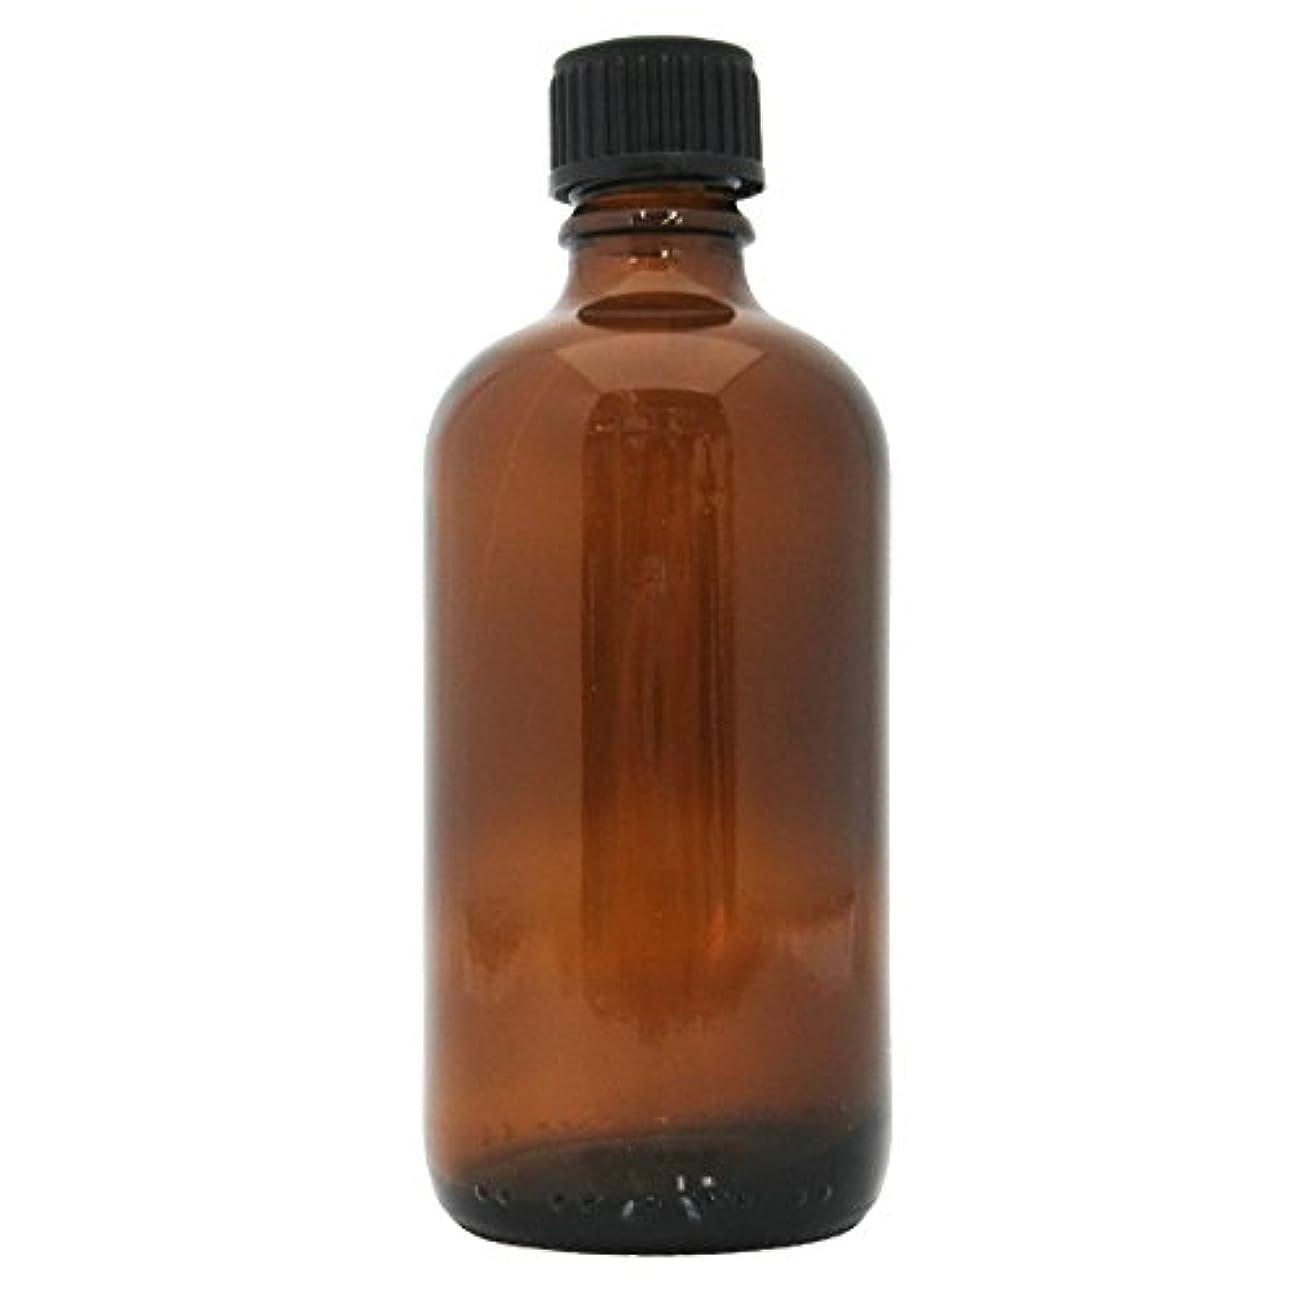 ガイド弁護床を掃除する茶色遮光瓶 100ml (ドロッパー付)